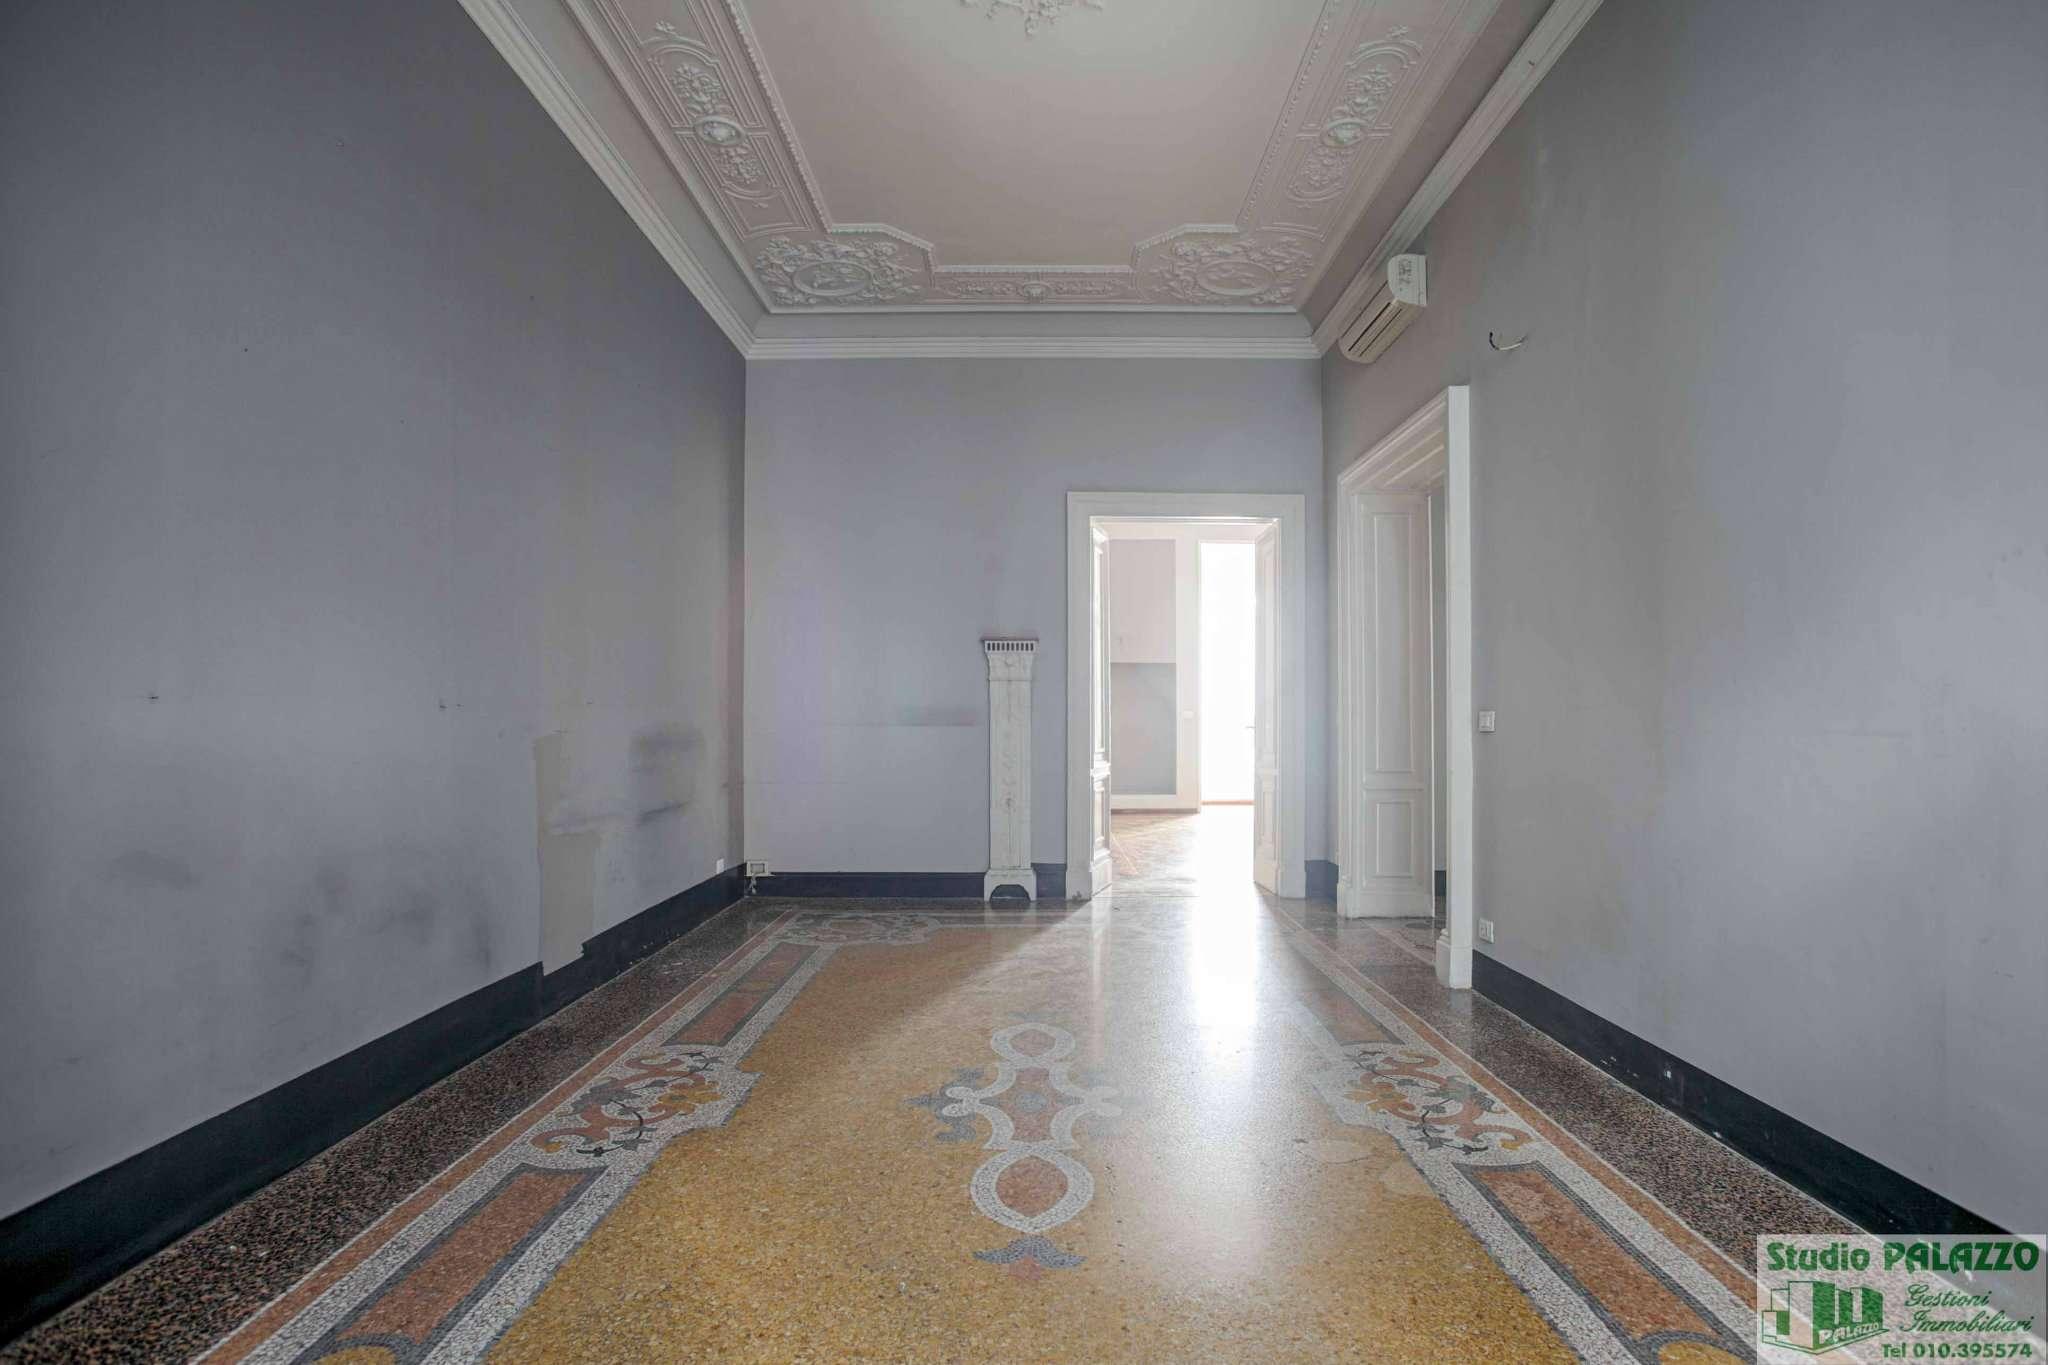 Ufficio / Studio in affitto a Genova, 12 locali, zona Zona: 1 . Centro, Centro Storico, prezzo € 4.000 | CambioCasa.it